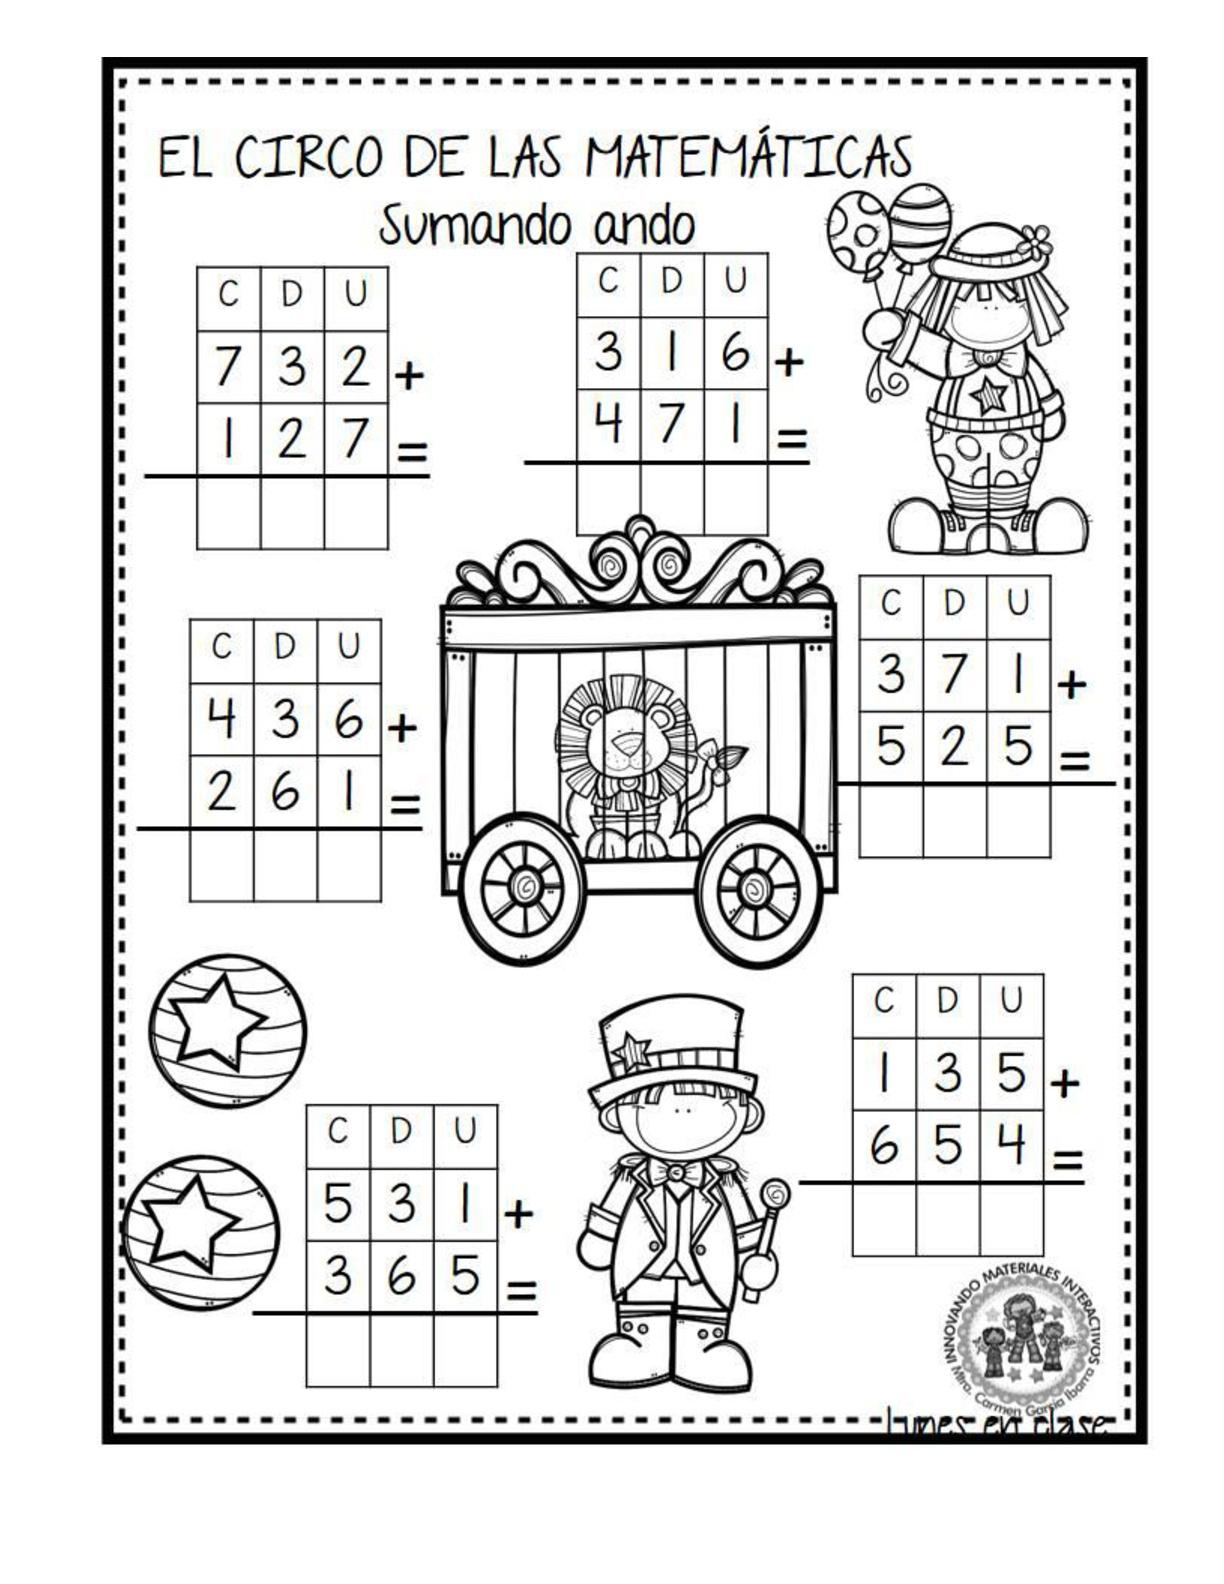 El circo de las matemáticas (20) - Imagenes Educativas